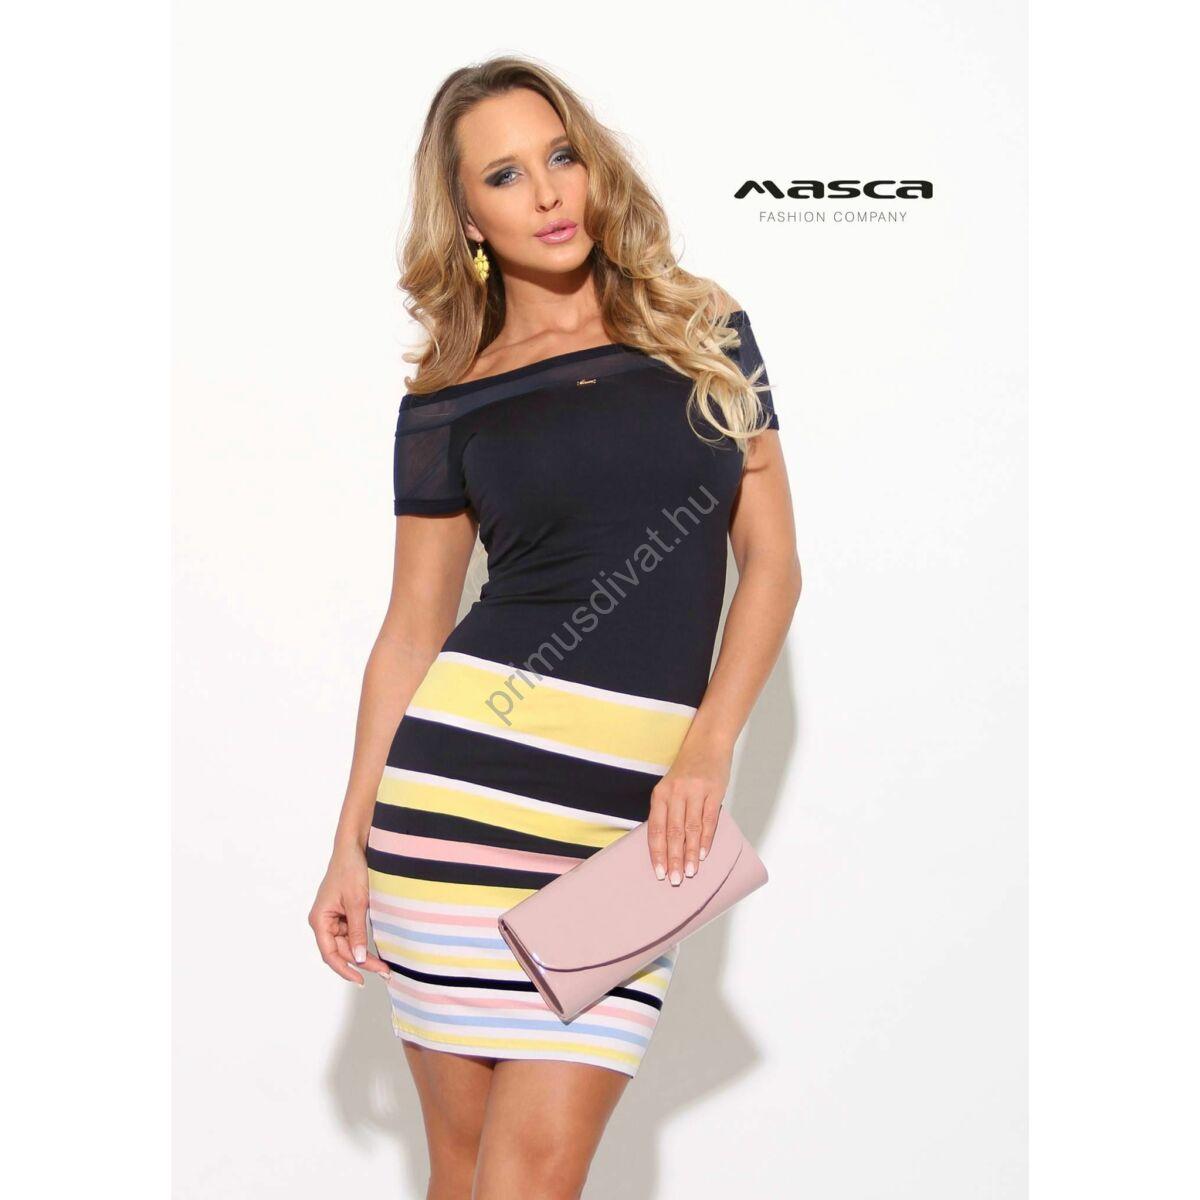 923f3646f5fc Kép 1/1 - Masca Fashion vállra szabott rövid muszlin ujjú, sárga-fehér-rózsaszín  csíkbetétes sötétkék szűk miniruha